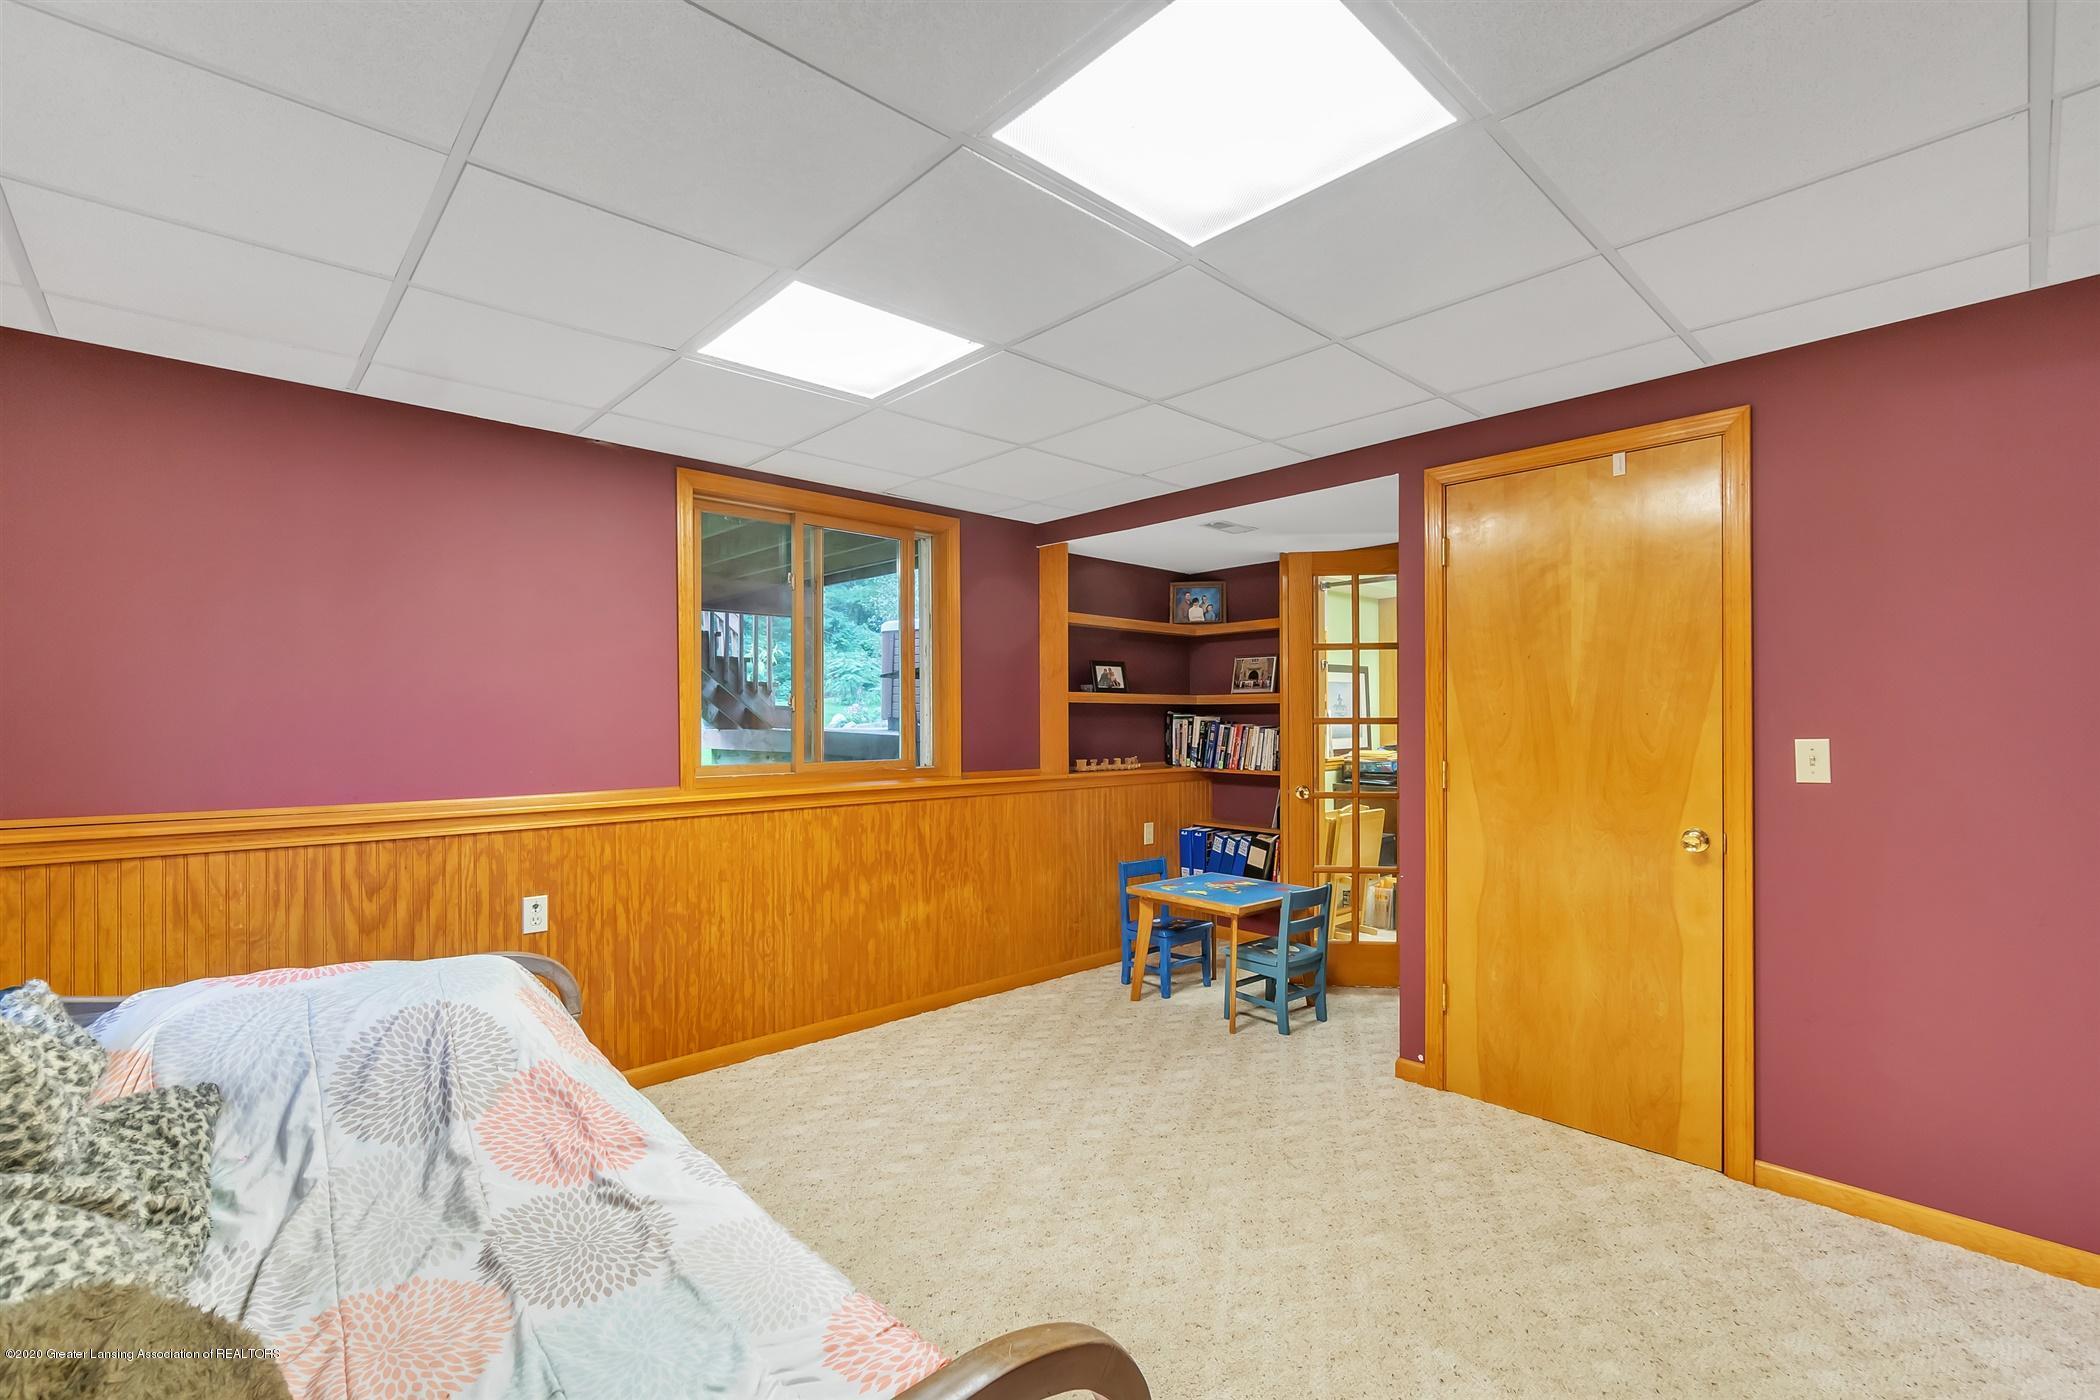 11910 Schavey Rd - 52-11910 Schavey Rd.-windowstill-re - 52